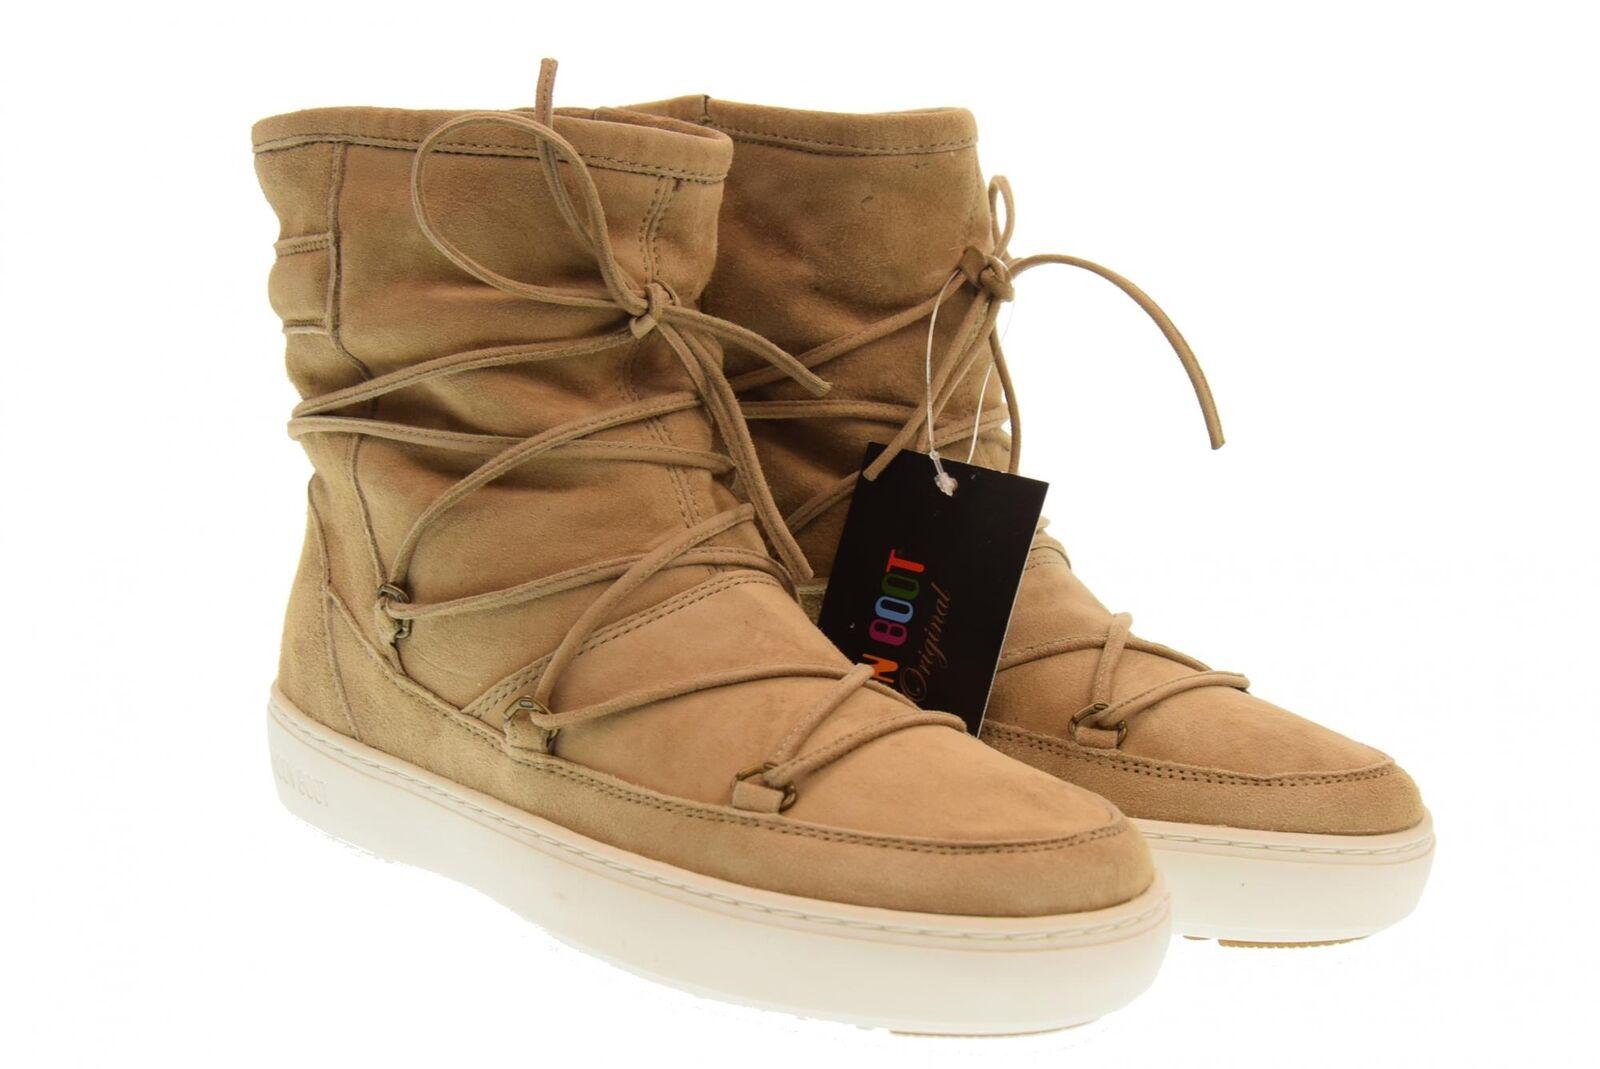 Moon bota A18s A18s A18s zapatos mujer botas MOON bota PULSE MID 24101700 003  barato en línea